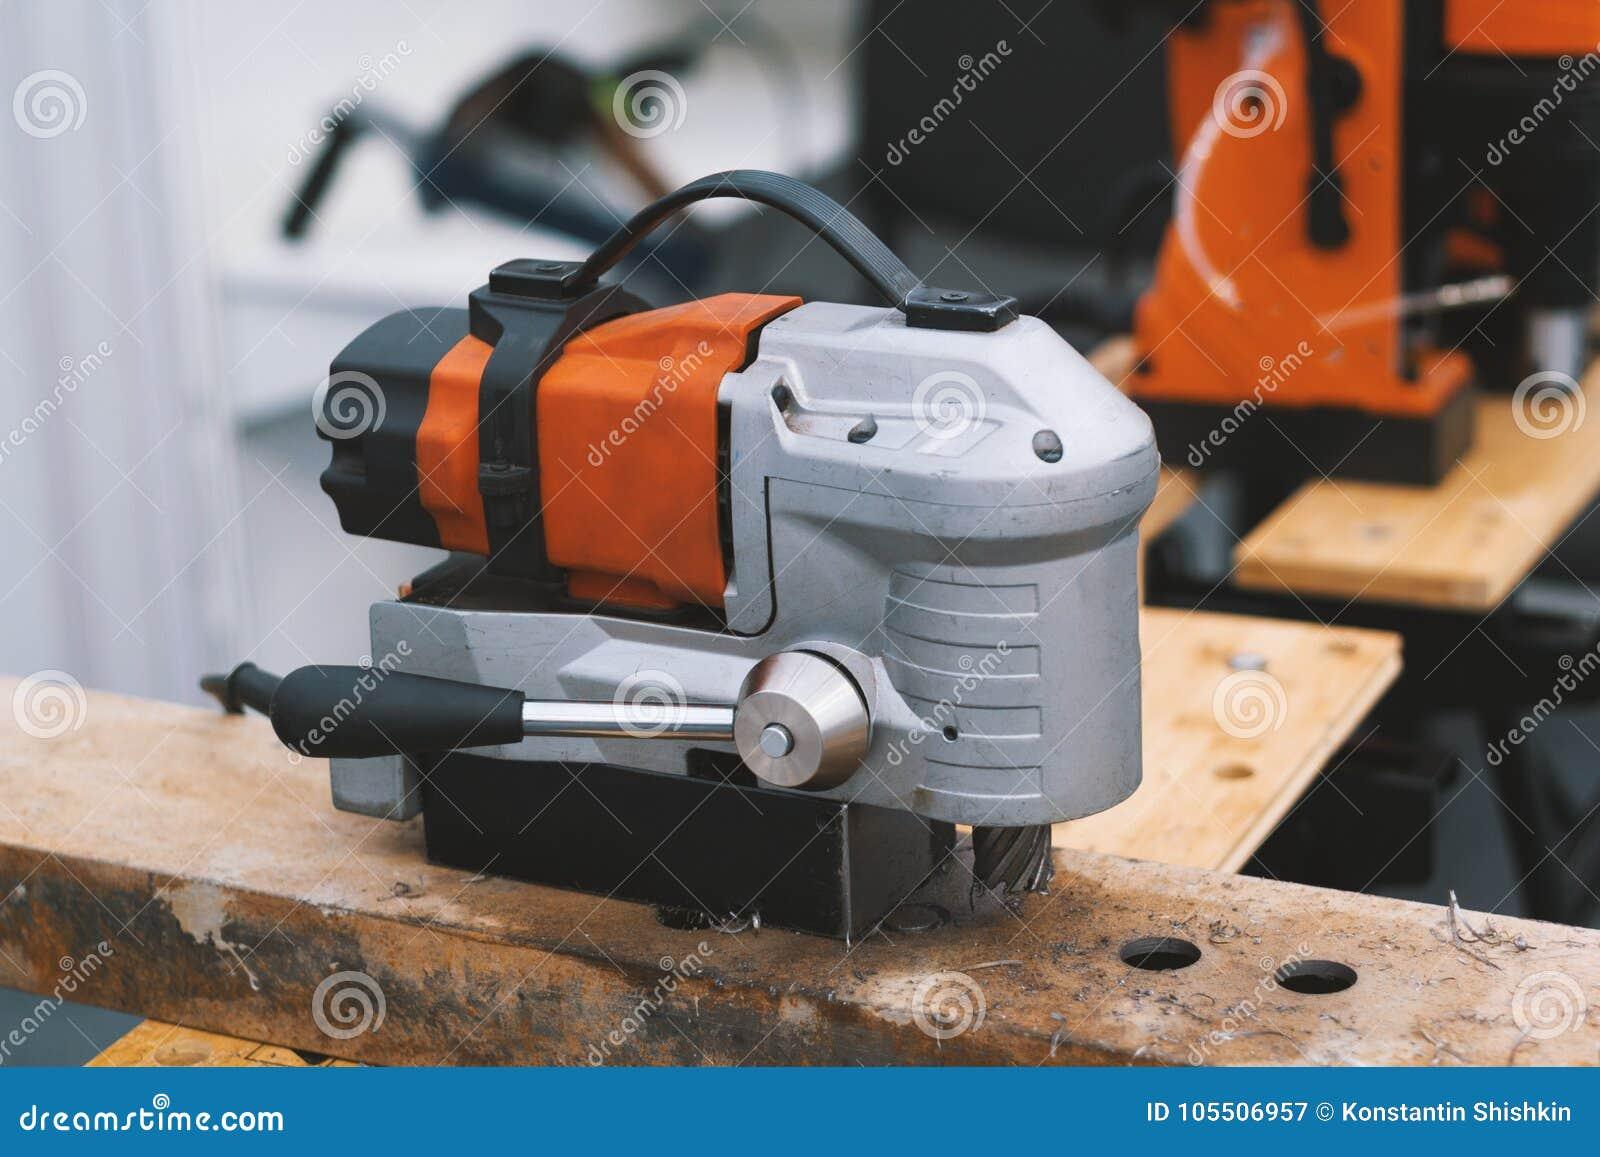 Industrieel hulpmiddel voor het werk in een woodshop - machinezaag